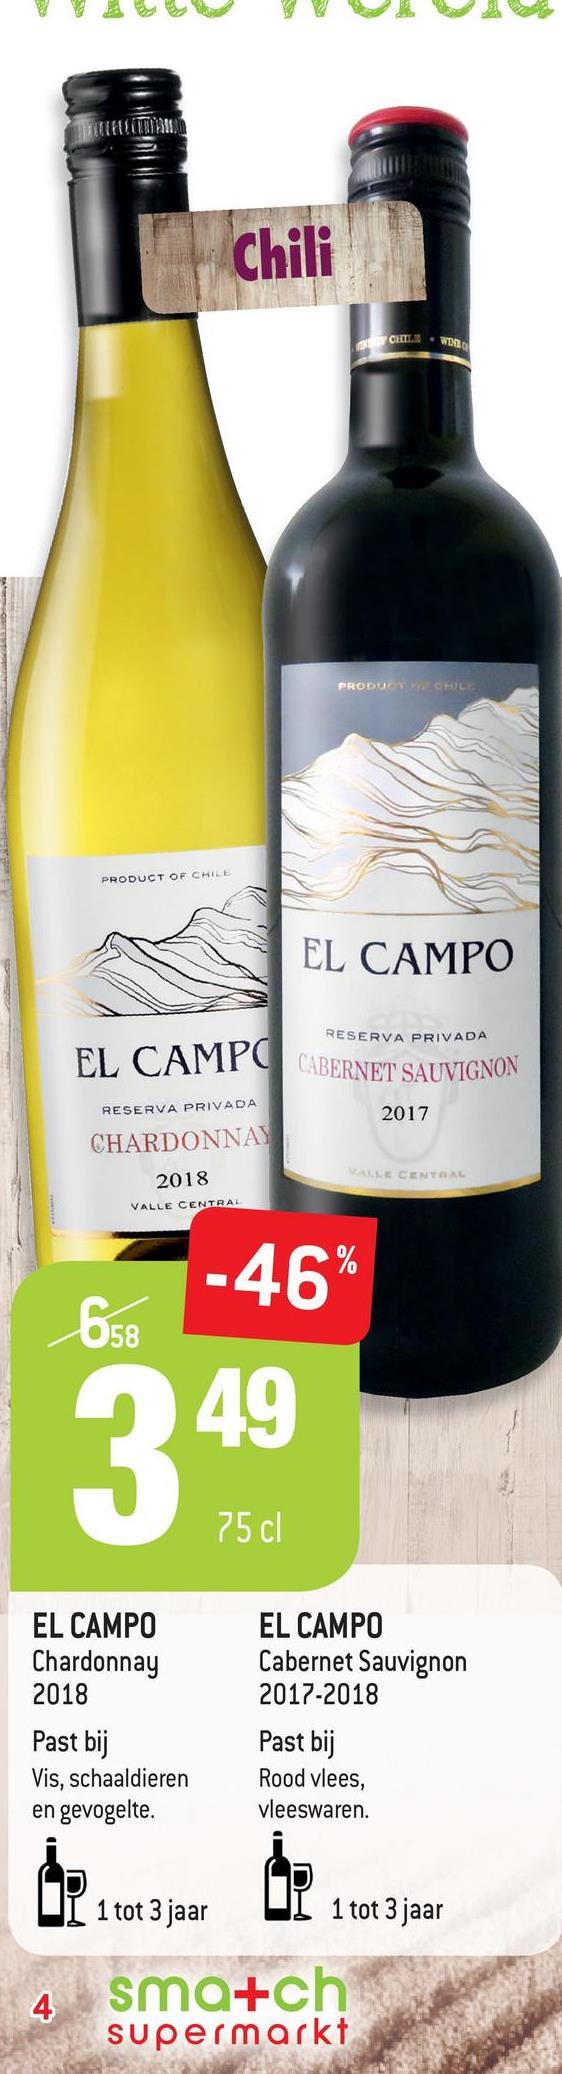 TEINN Chili CHE W2 PRODUCALE PRODUCT OF CHILE EL CAMPO RESERVA PRIVADA CABERNET SAUVIGNON RESERVA PRIVADA 2017 CHARDONNAY 2018 LE CENTRAL VALLE CENTRAL -46% 658 949 75 cl EL CAMPO Chardonnay 2018 Past bij Vis, schaaldieren en gevogelte. EL CAMPO Cabernet Sauvignon 2017-2018 Past bij Rood vlees, vleeswaren. UI 1 tot 3 jaar I 1 tot 3 jaar 4 smatch supermarkt